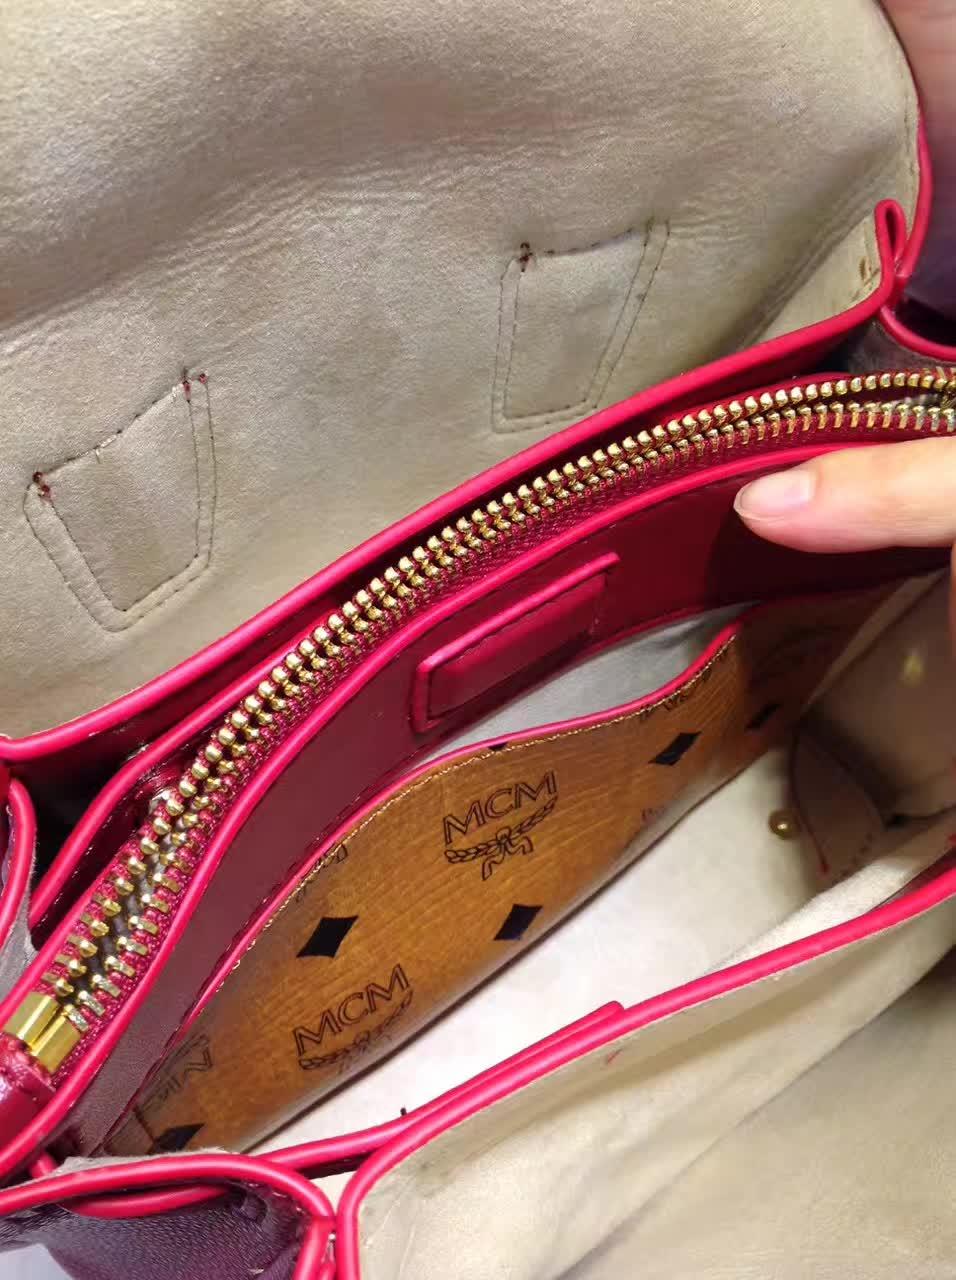 MCM韩国官网 Milla单肩包 原版特殊颗粒牛皮 崭新袋口开合设计 大红